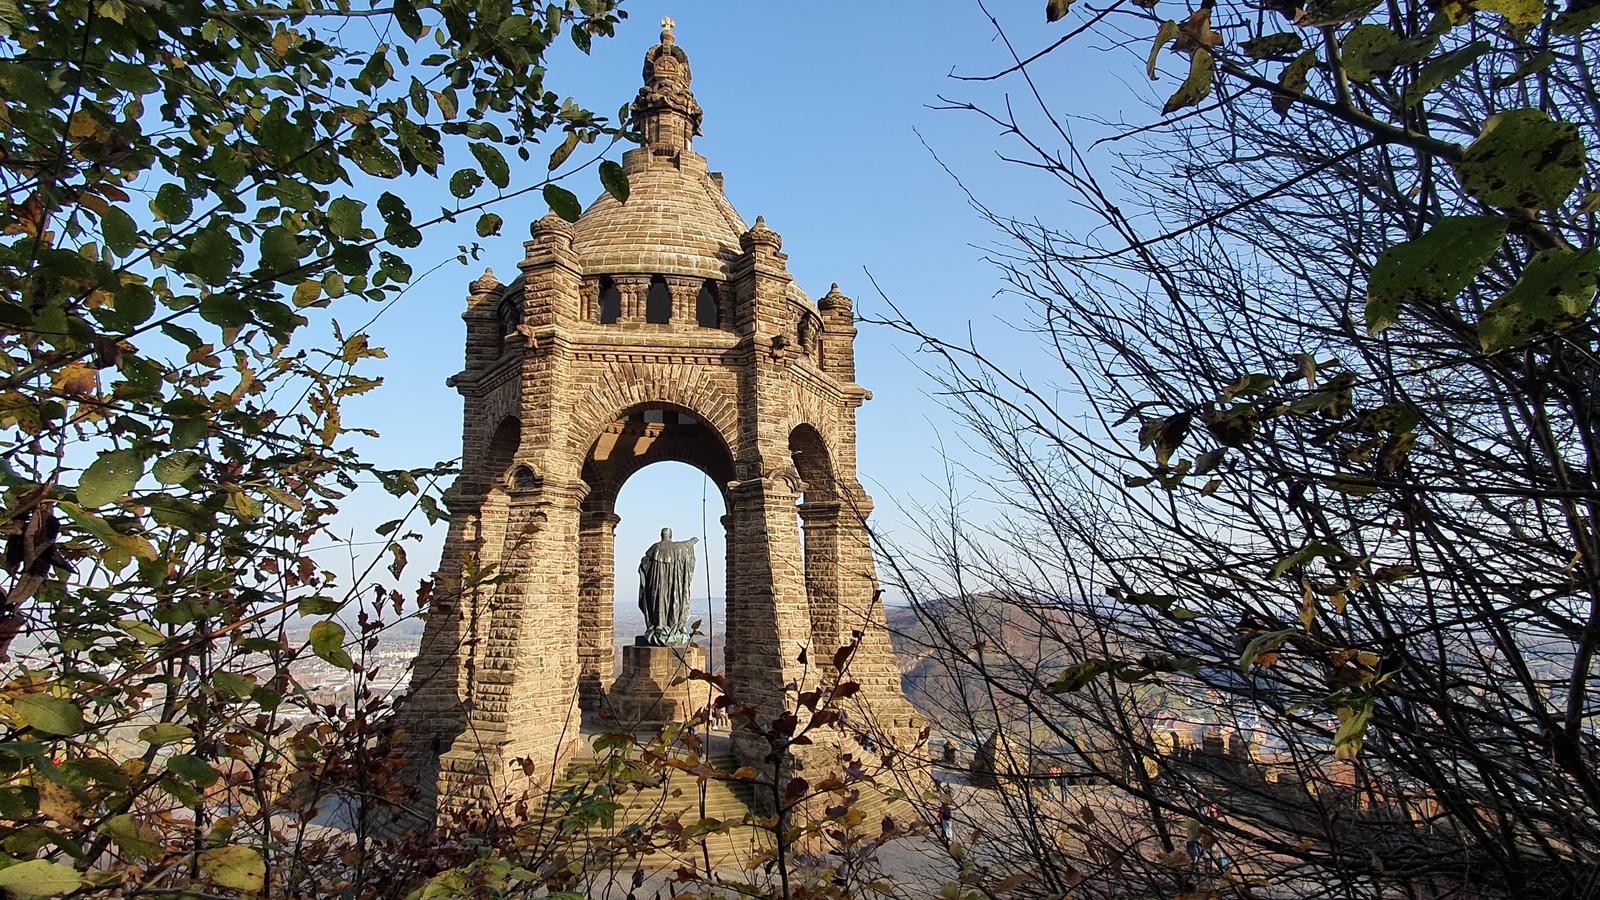 Kaiser Wilhelm Denkmal in Porta Westfalica, Weserbergland, Wandern am Kaiser Wilhelm Denkmal